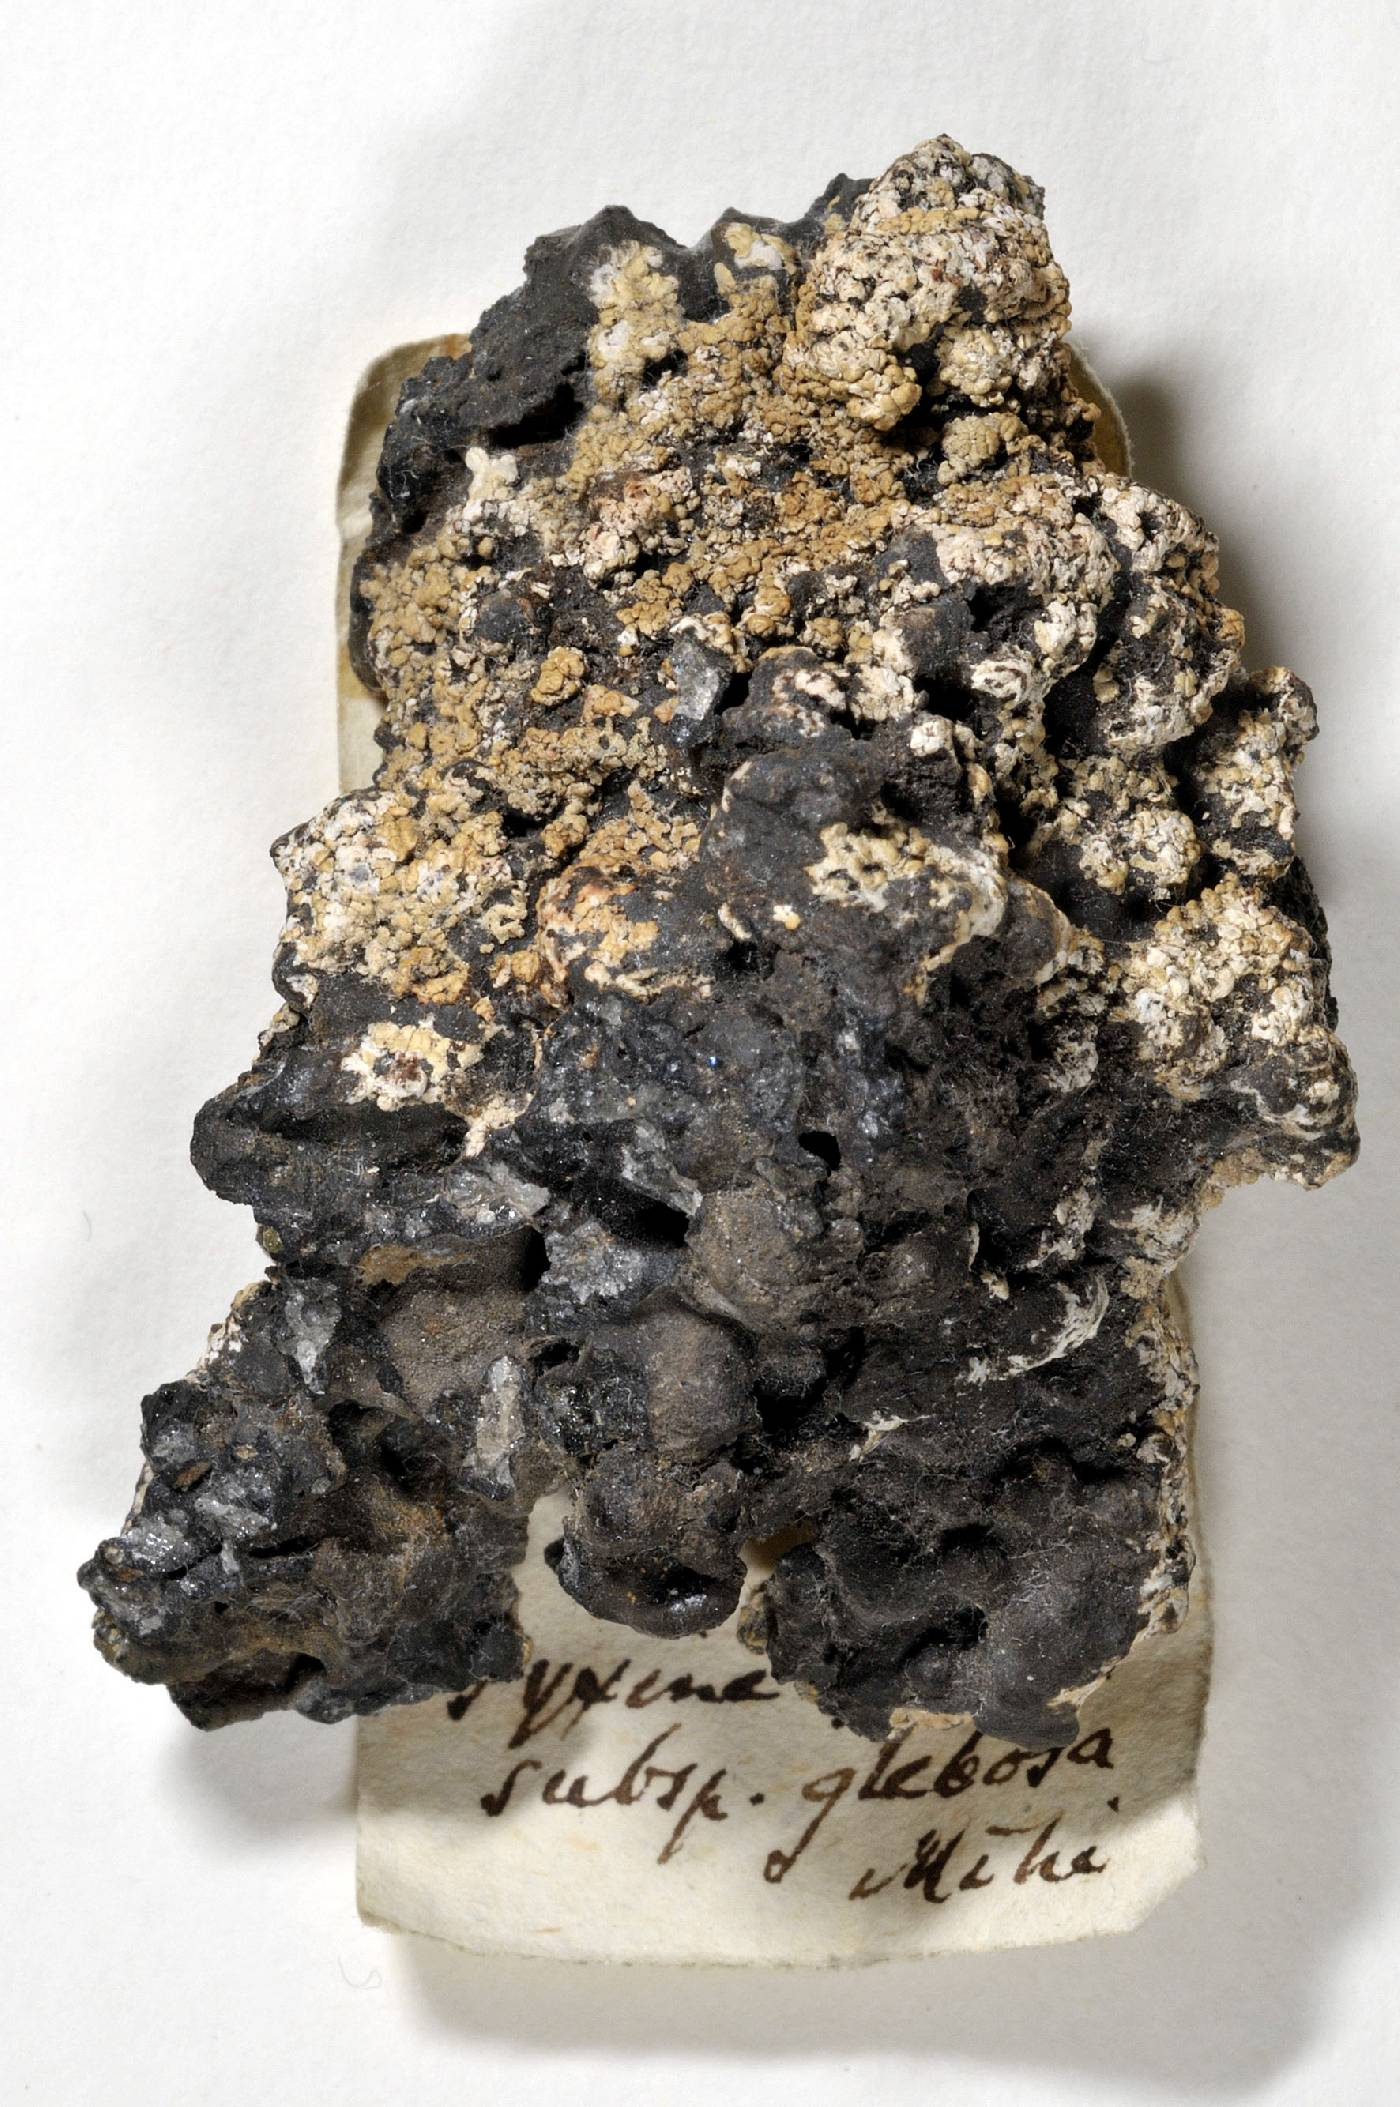 Pyxine glebosa image